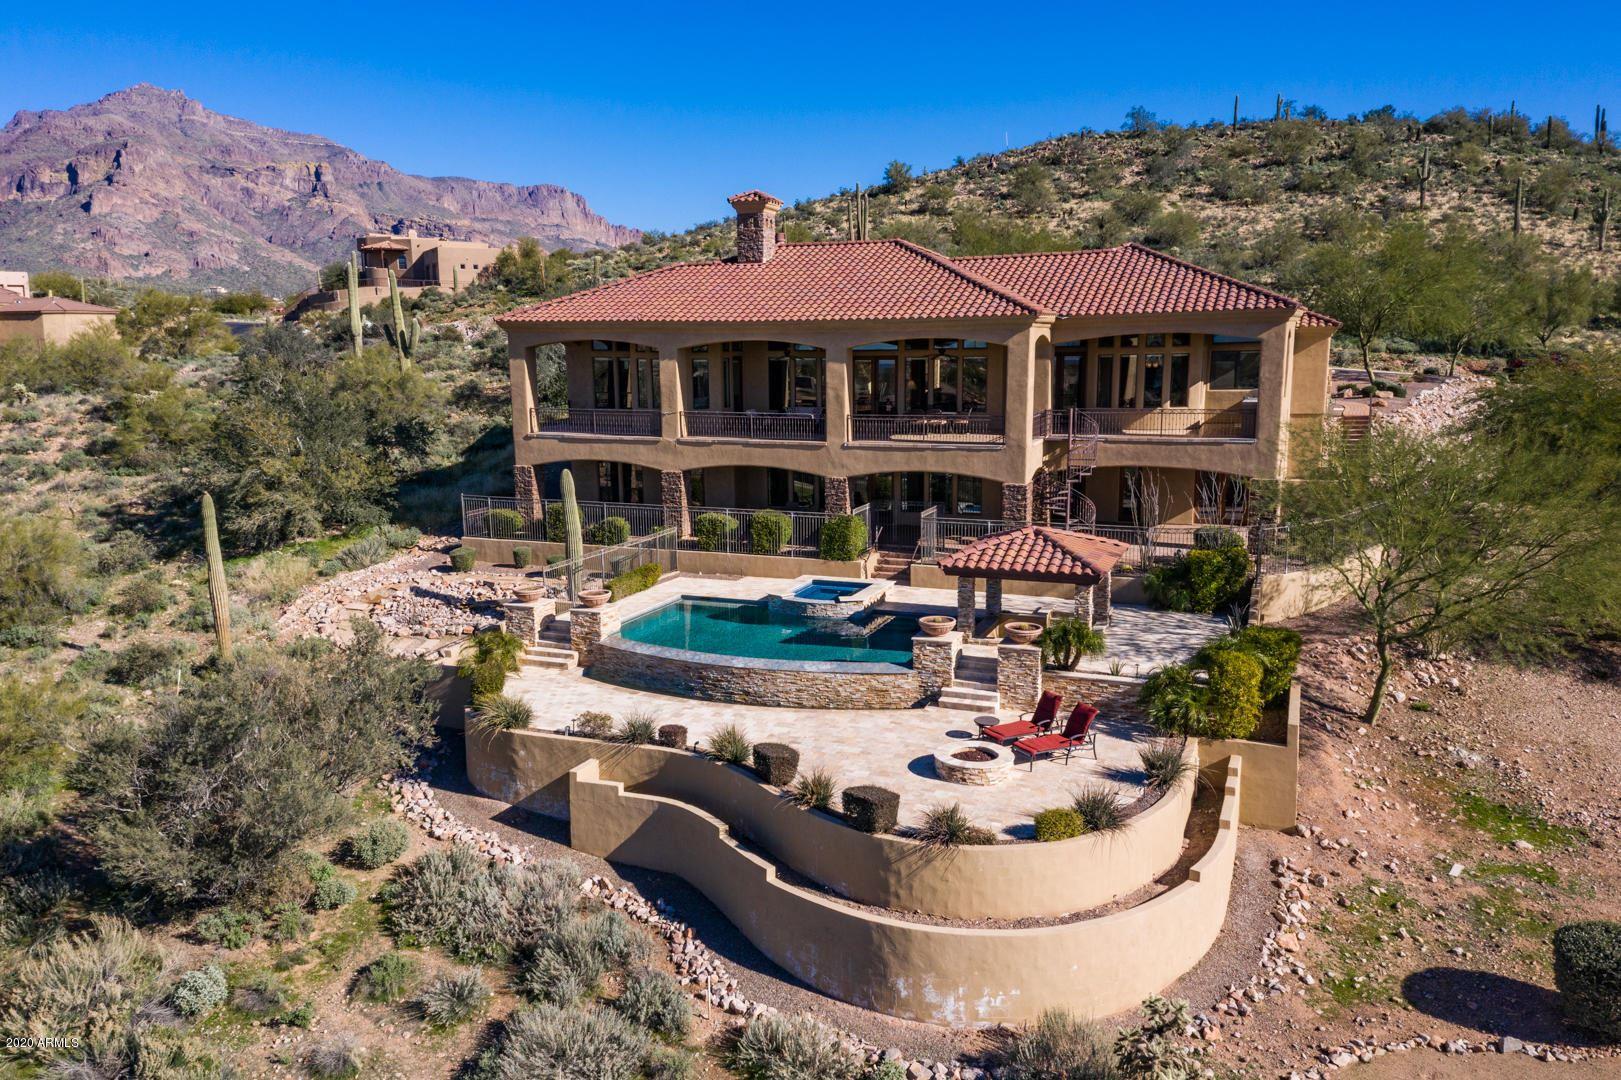 3884 S AVENIDA DE ANGELES --, Gold Canyon, AZ 85118 - MLS#: 6025838